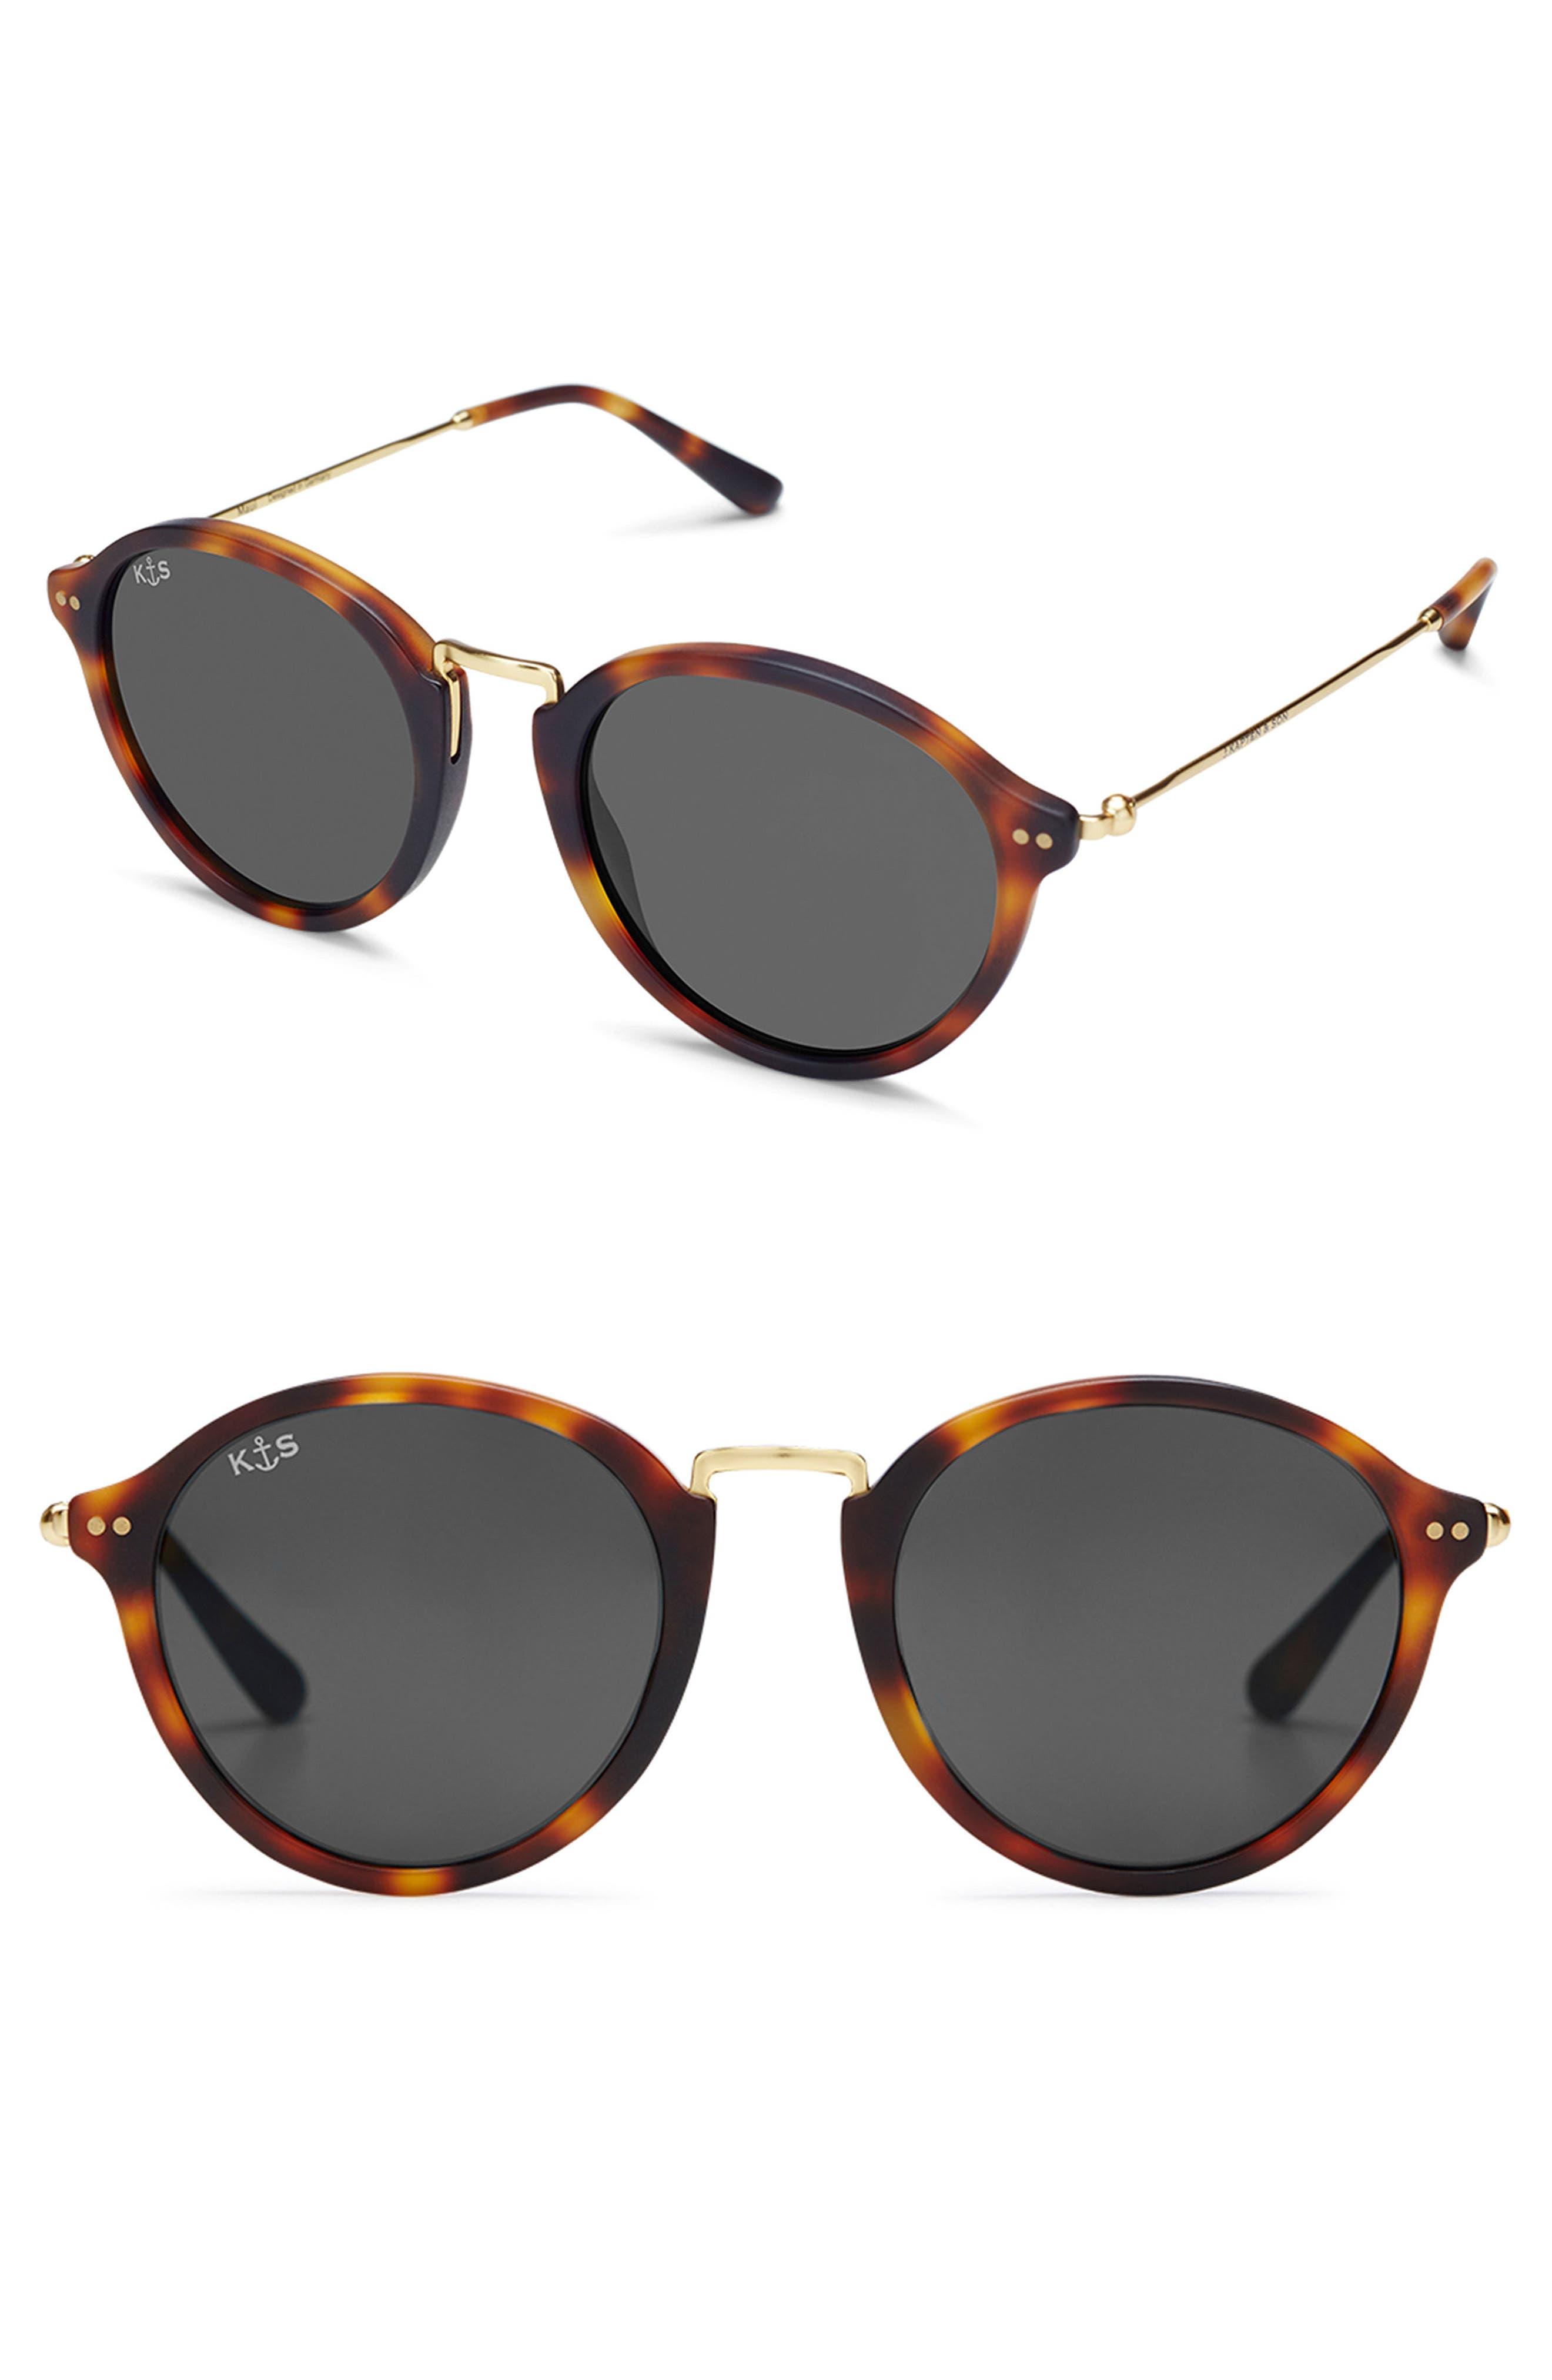 Maui 48mm Sunglasses,                             Main thumbnail 1, color,                             TORTOISE/ BLACK